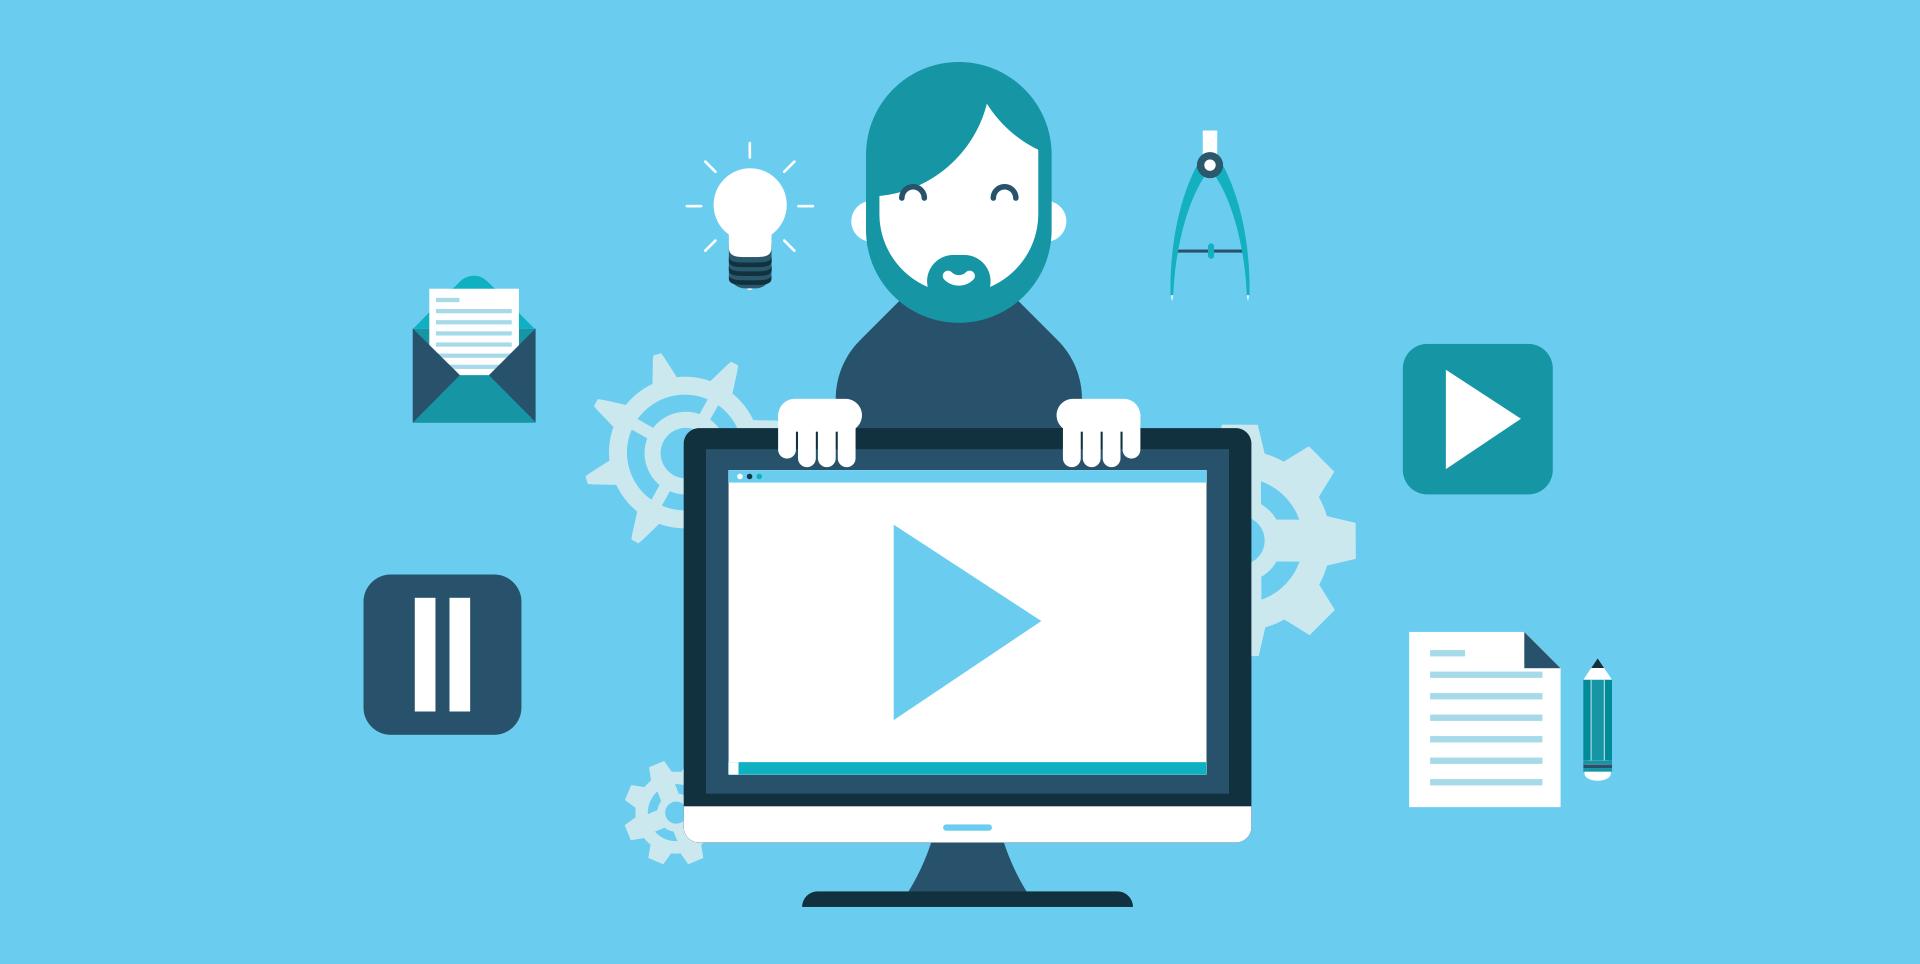 produtora-de-vídeos-para-marketing-facebook-crise